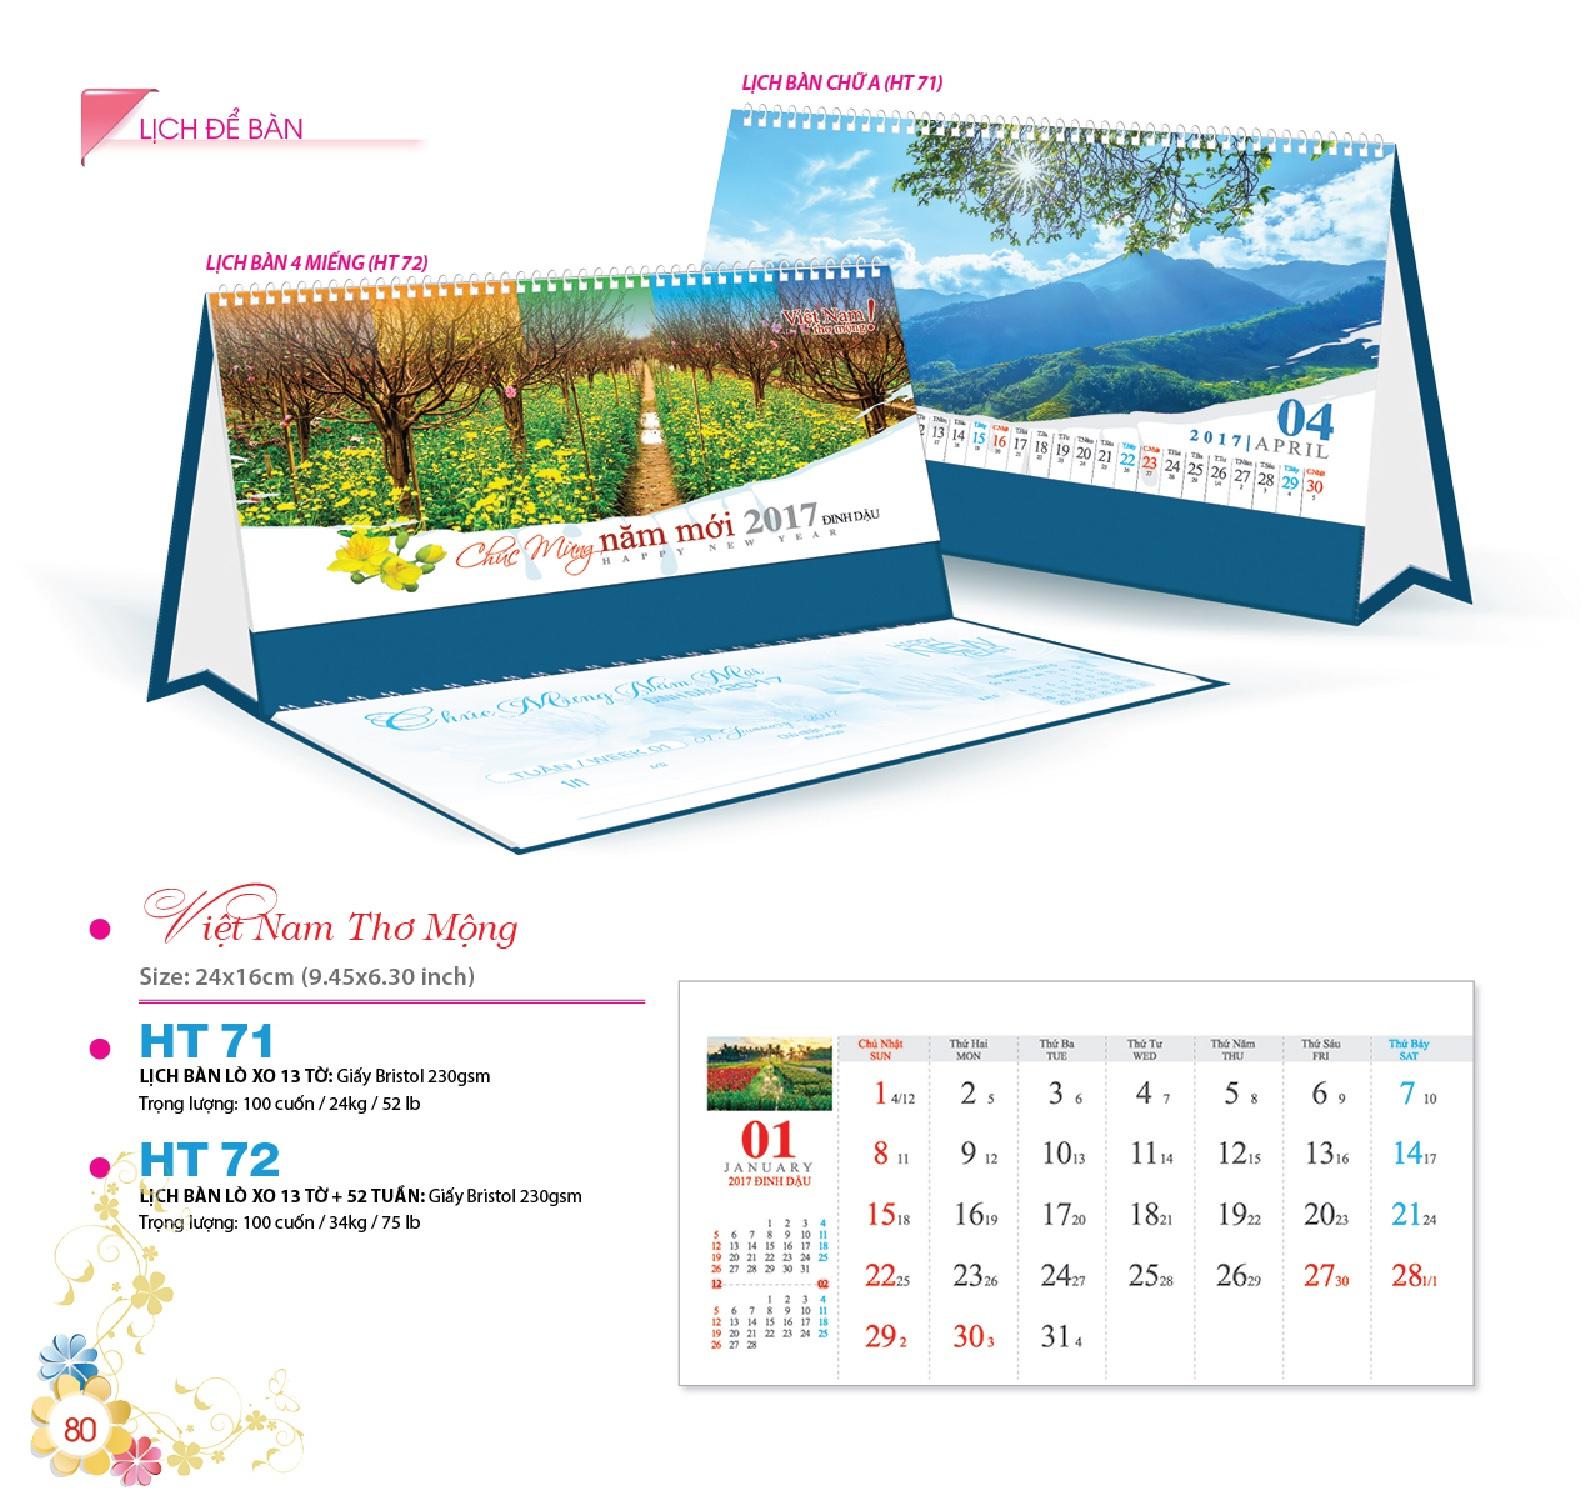 HT-72: Lịch bàn chữ M 13 tờ, 52 tuần - Việt Nam thơ mộng